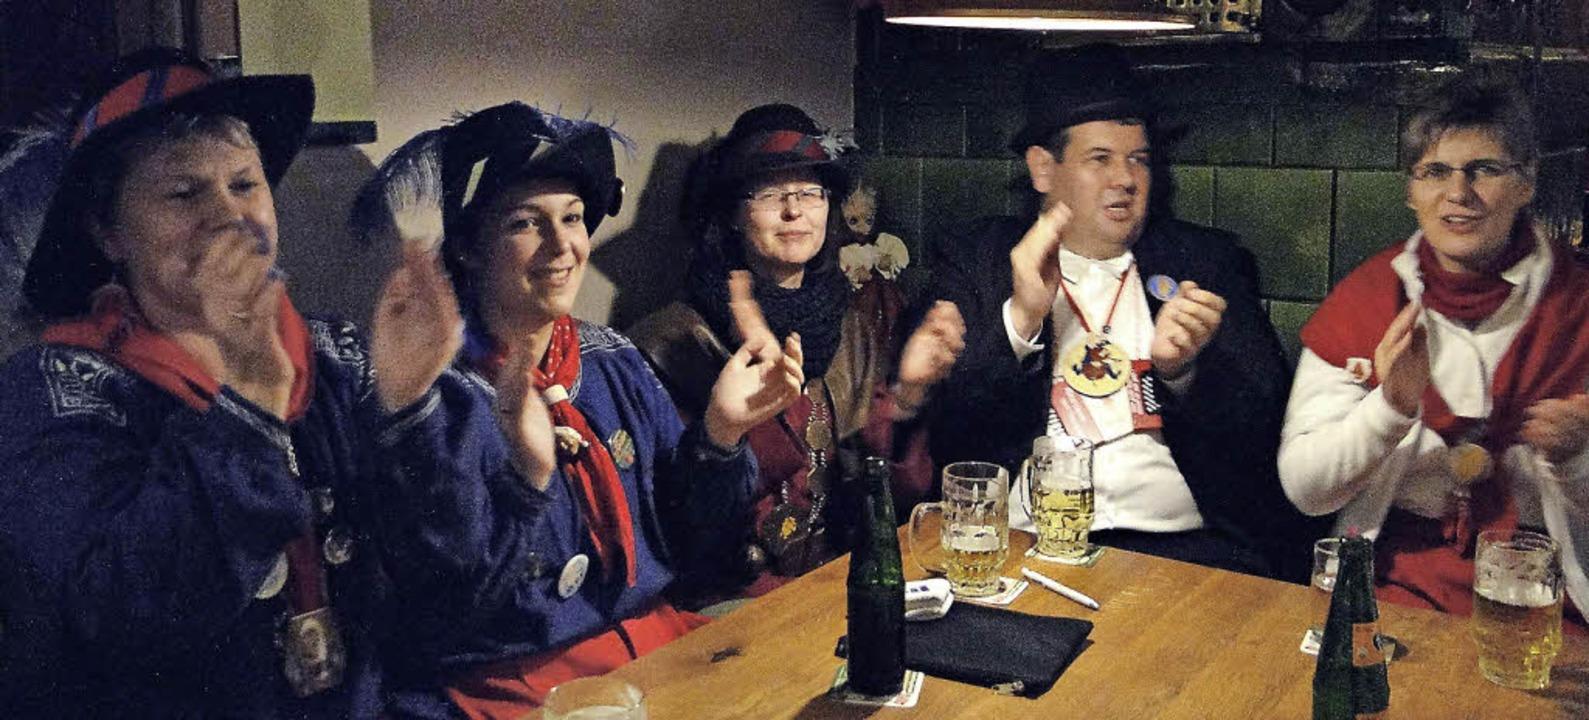 Zufrieden mit der Schönauer Fasnacht: ...rmeister Peter Schelshorn (von rechts)    Foto: Veronika Frank